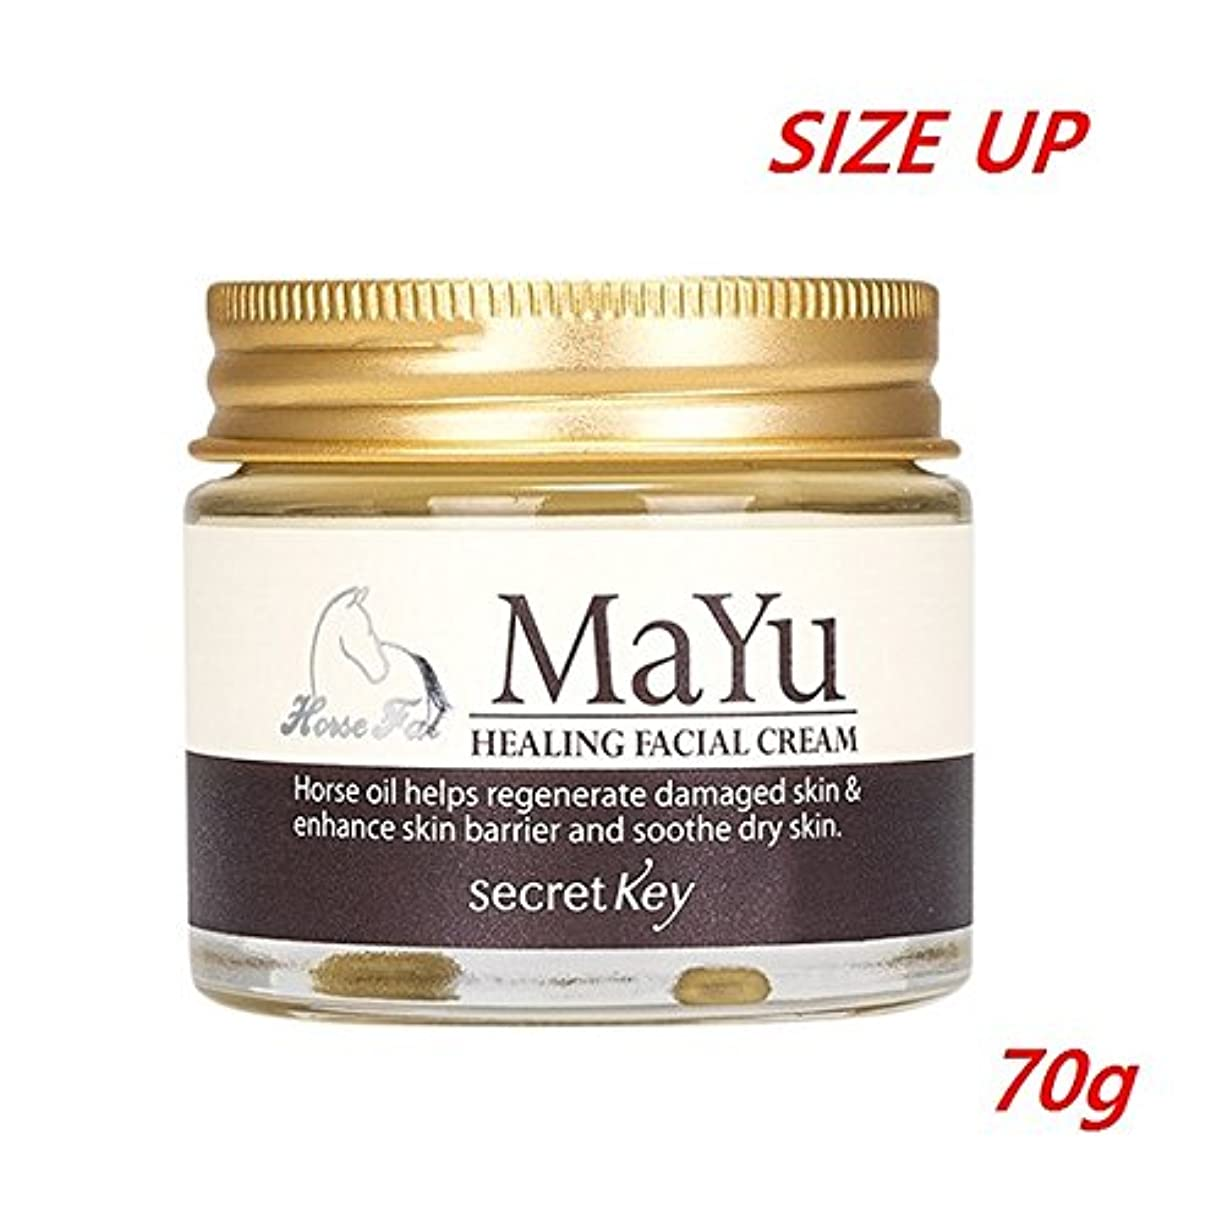 フライト支配する図書館シークレットキー 馬油 ヒーリング フェイシャル クリーム/Secret Key Mayu Healing Facial Cream 70g Size Up(50g to 70g Up Grade) [並行輸入品]